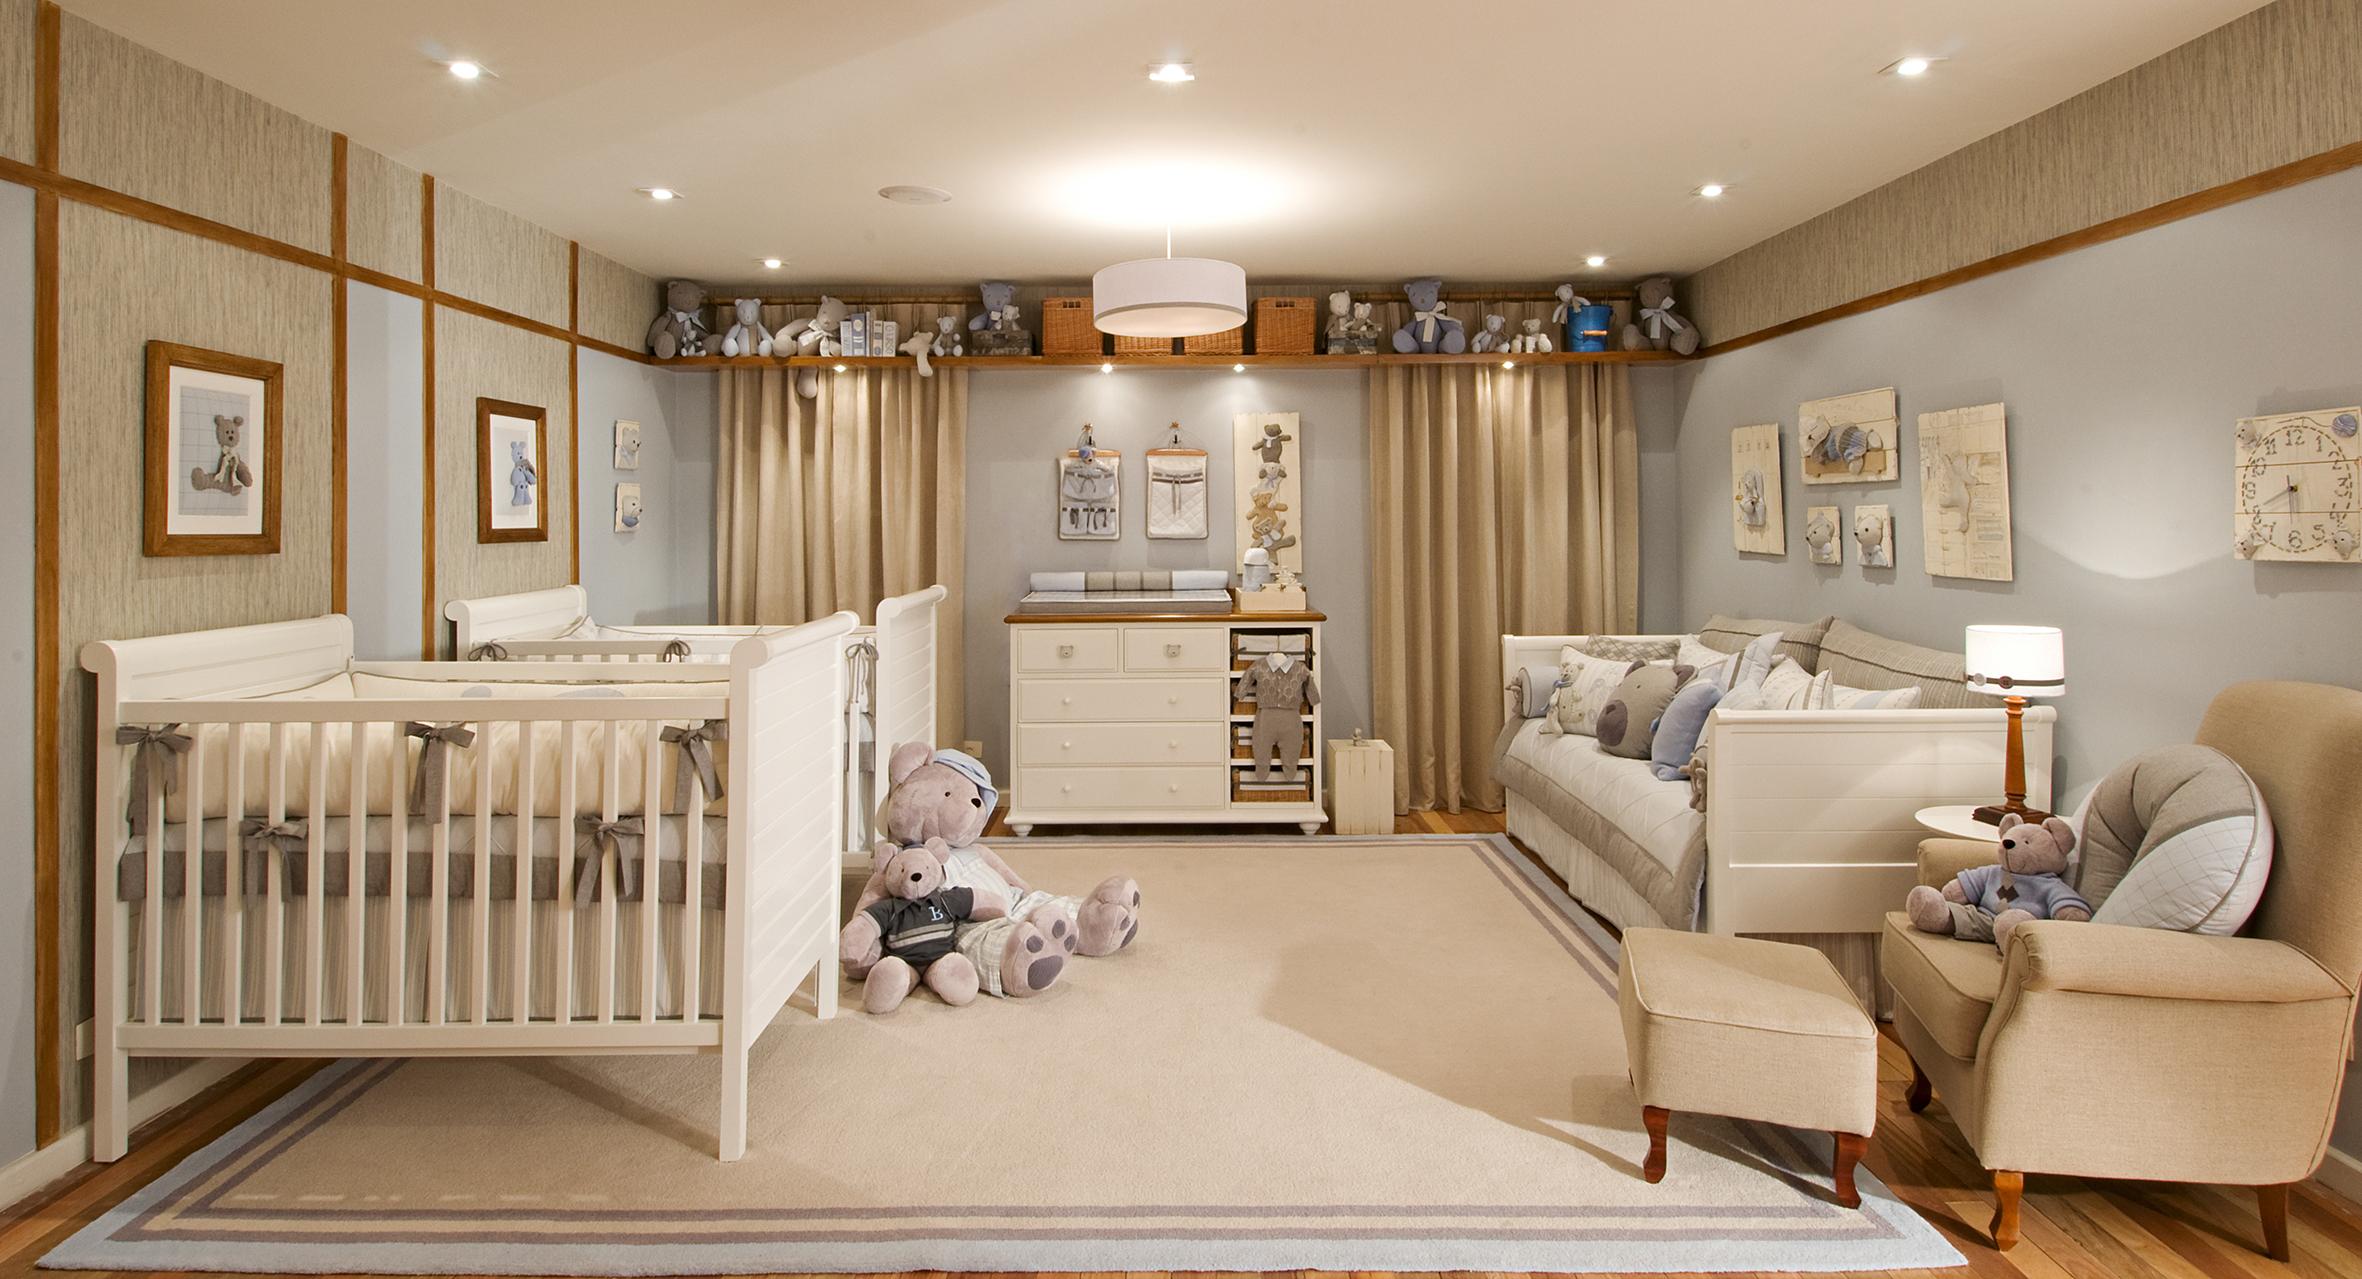 Beb S Decorarst P Gina 2 ~ Quarto Azul Marinho E Branco E Montar O Quarto Do Bebe